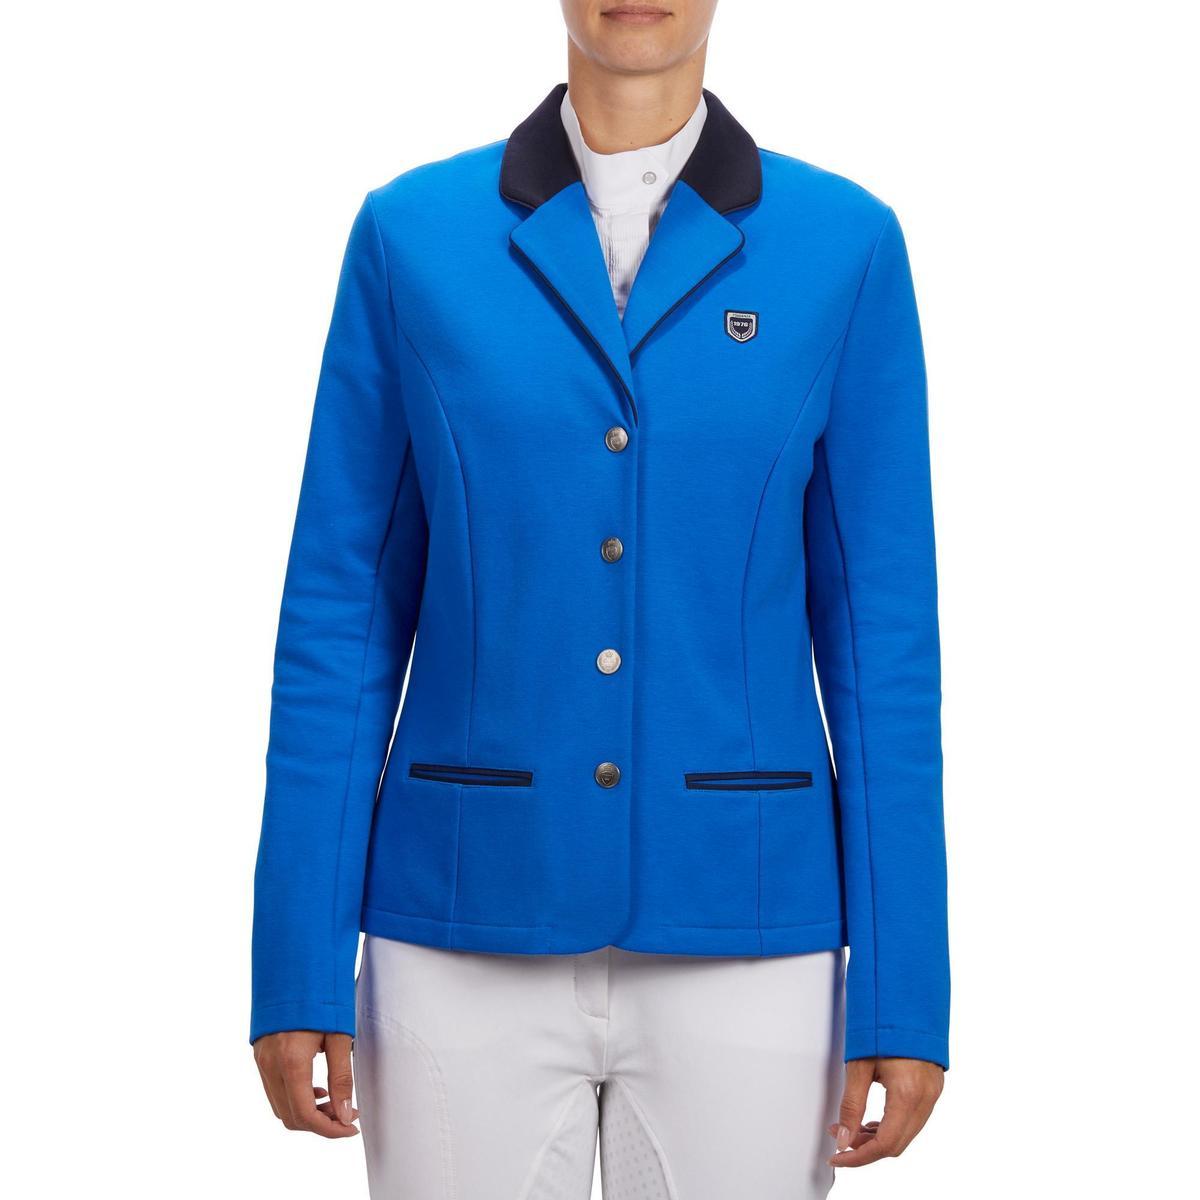 Bild 3 von Turnierjacket COMP100 Damen königsblau